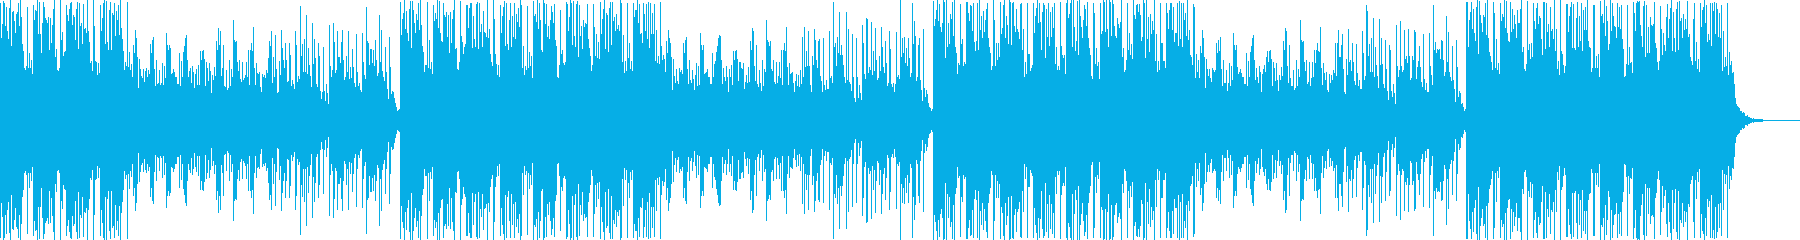 各種映像に!トーク用にも爽やかなBGMの再生済みの波形